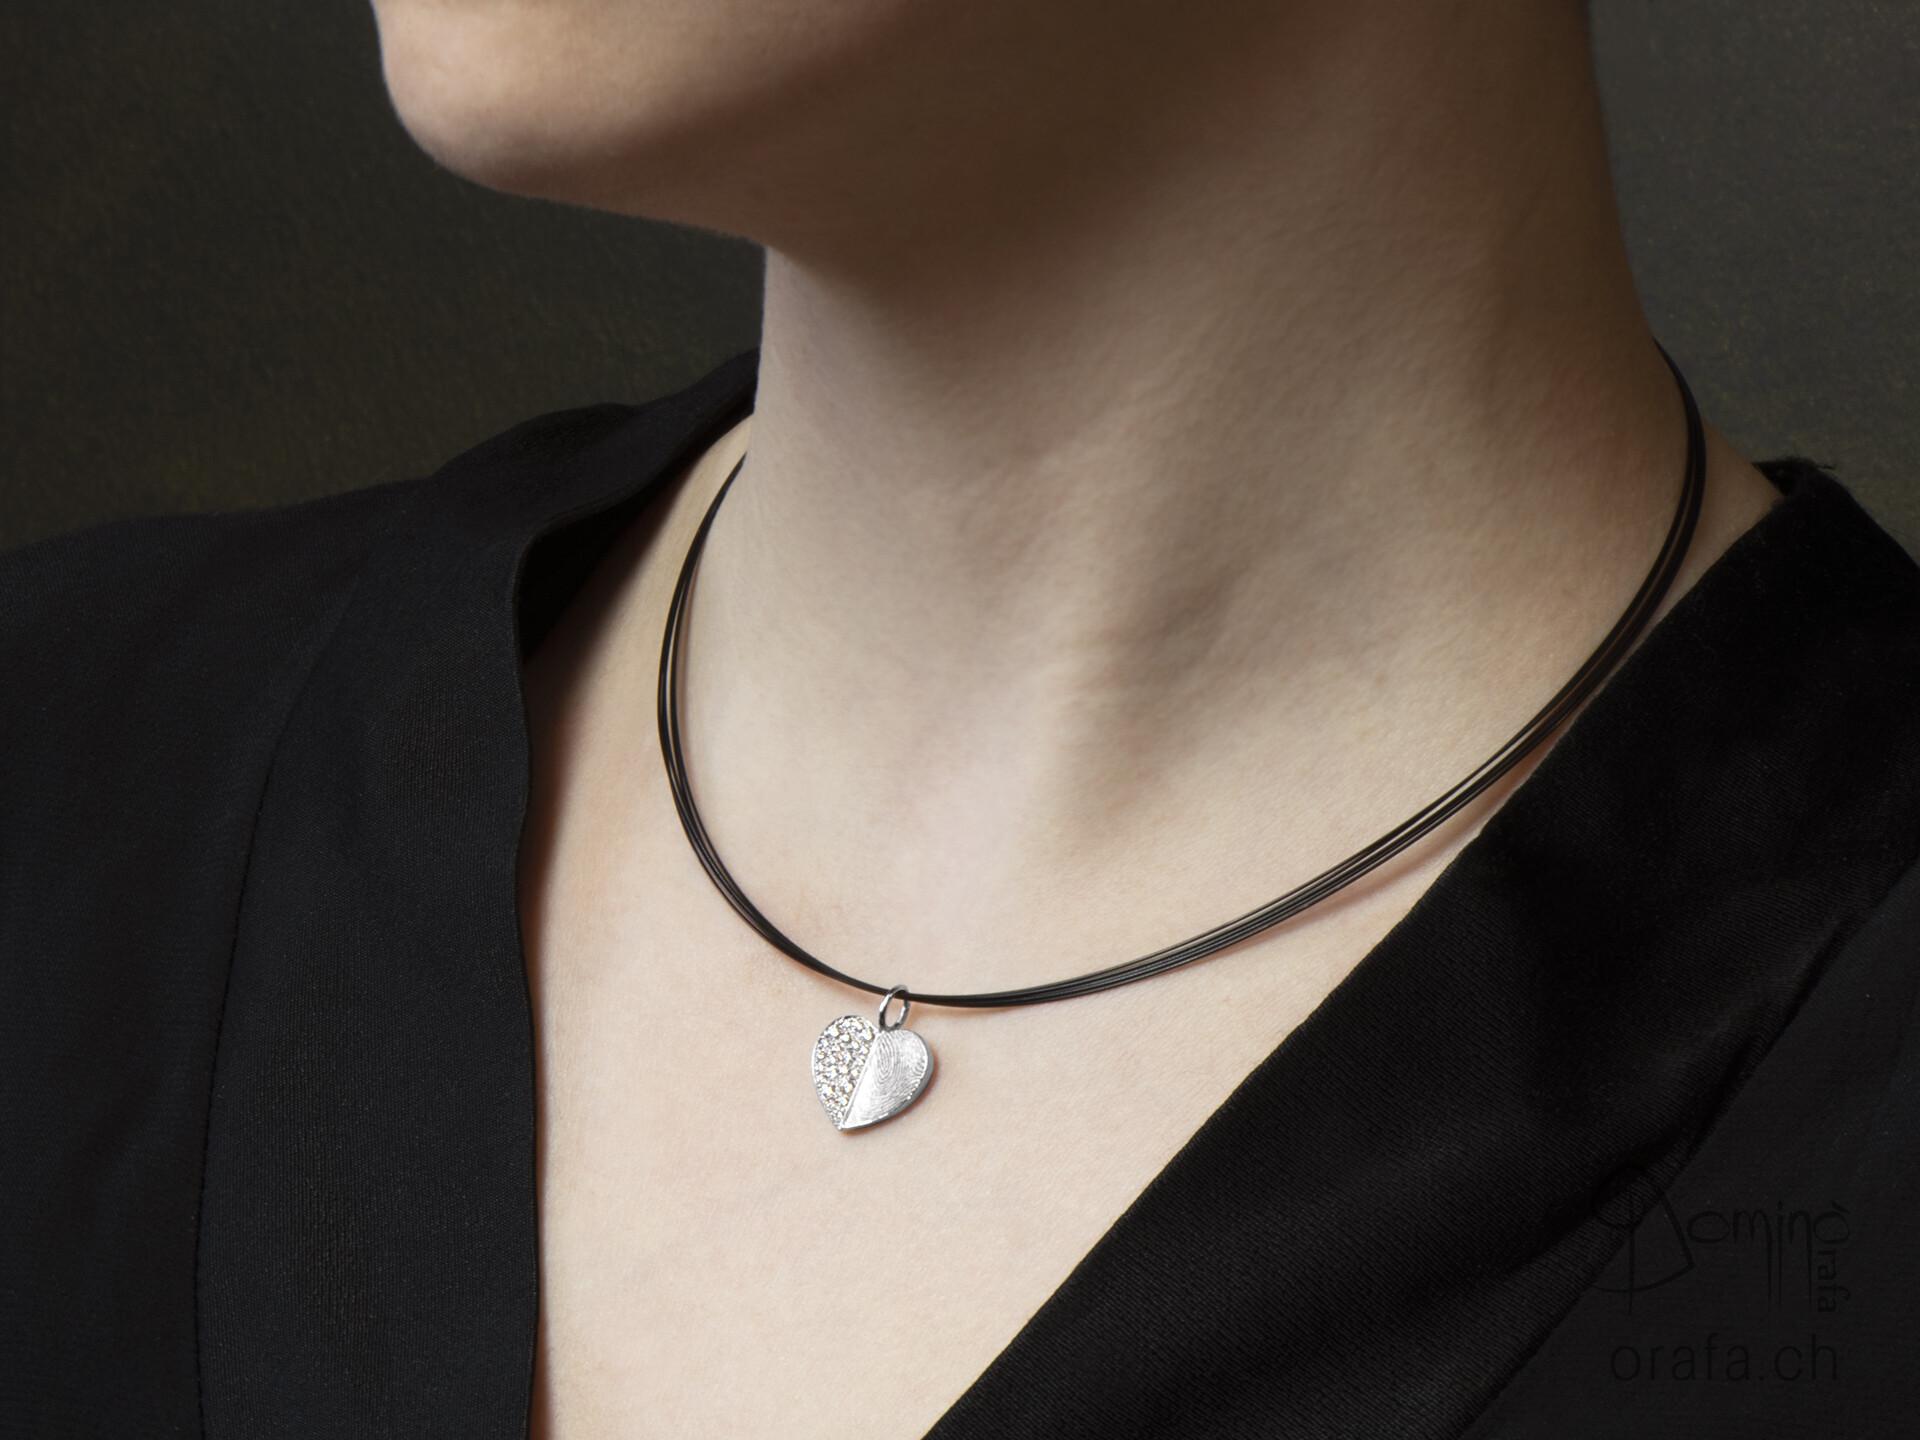 ciondolo-cuore-meta-impronta-digitale-meta-diamanti-1